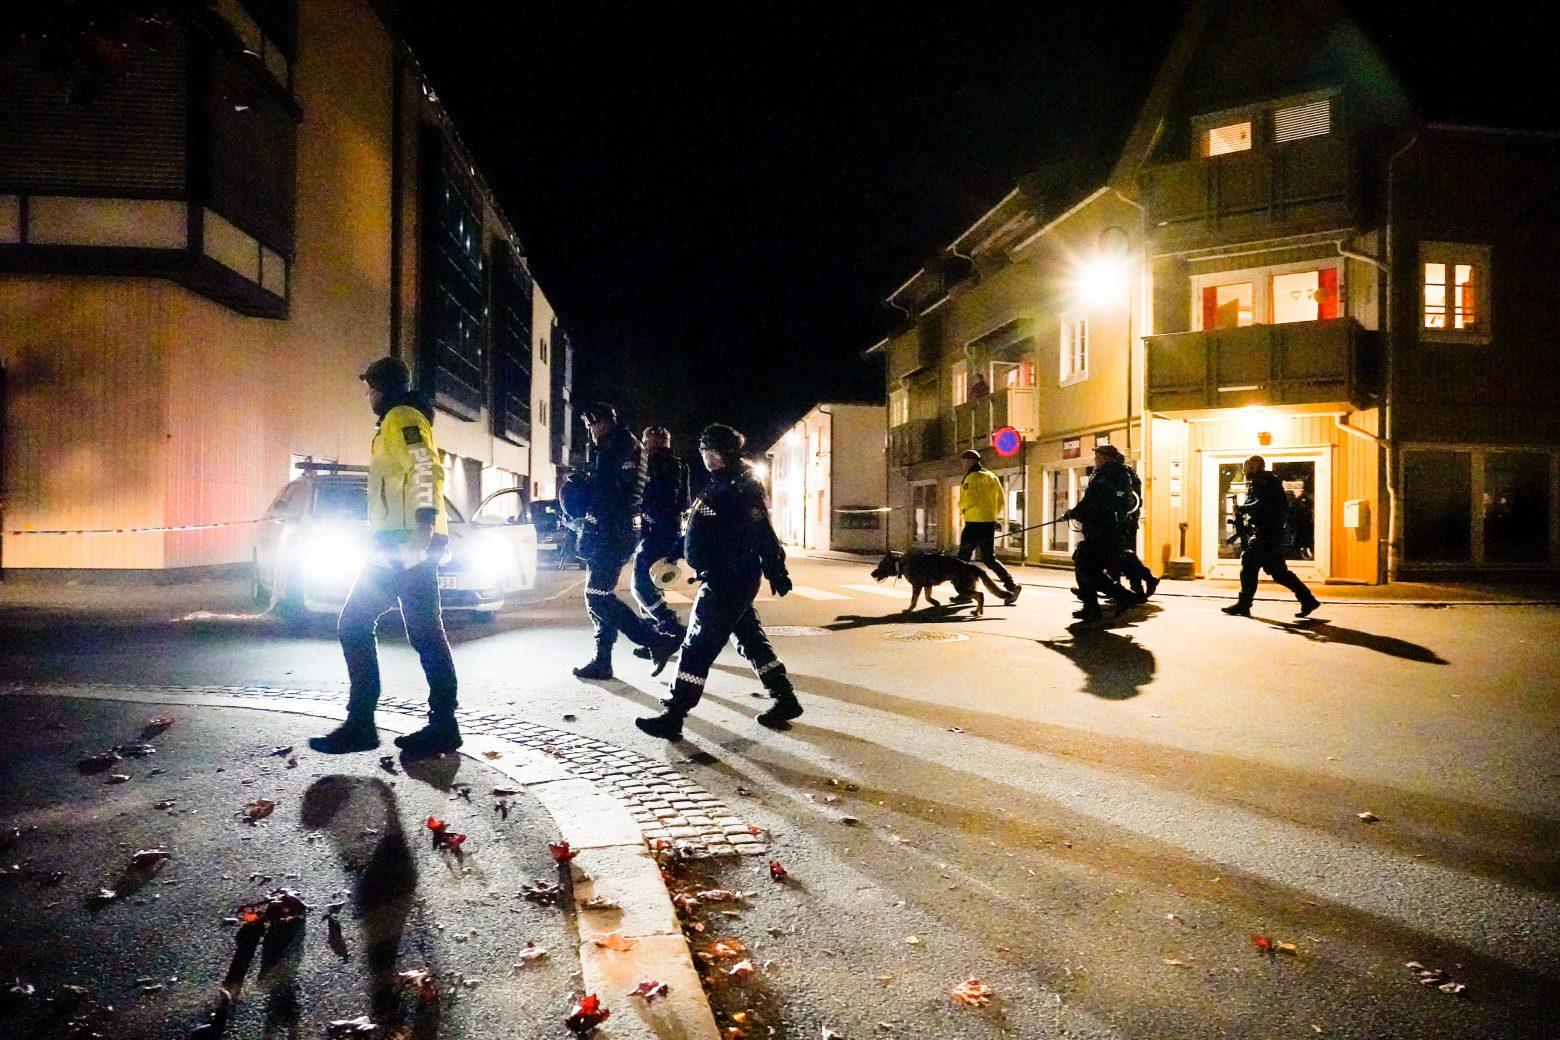 Νορβηγία – Τουλάχιστον τέσσερις νεκροί από την επίθεση με το τόξο